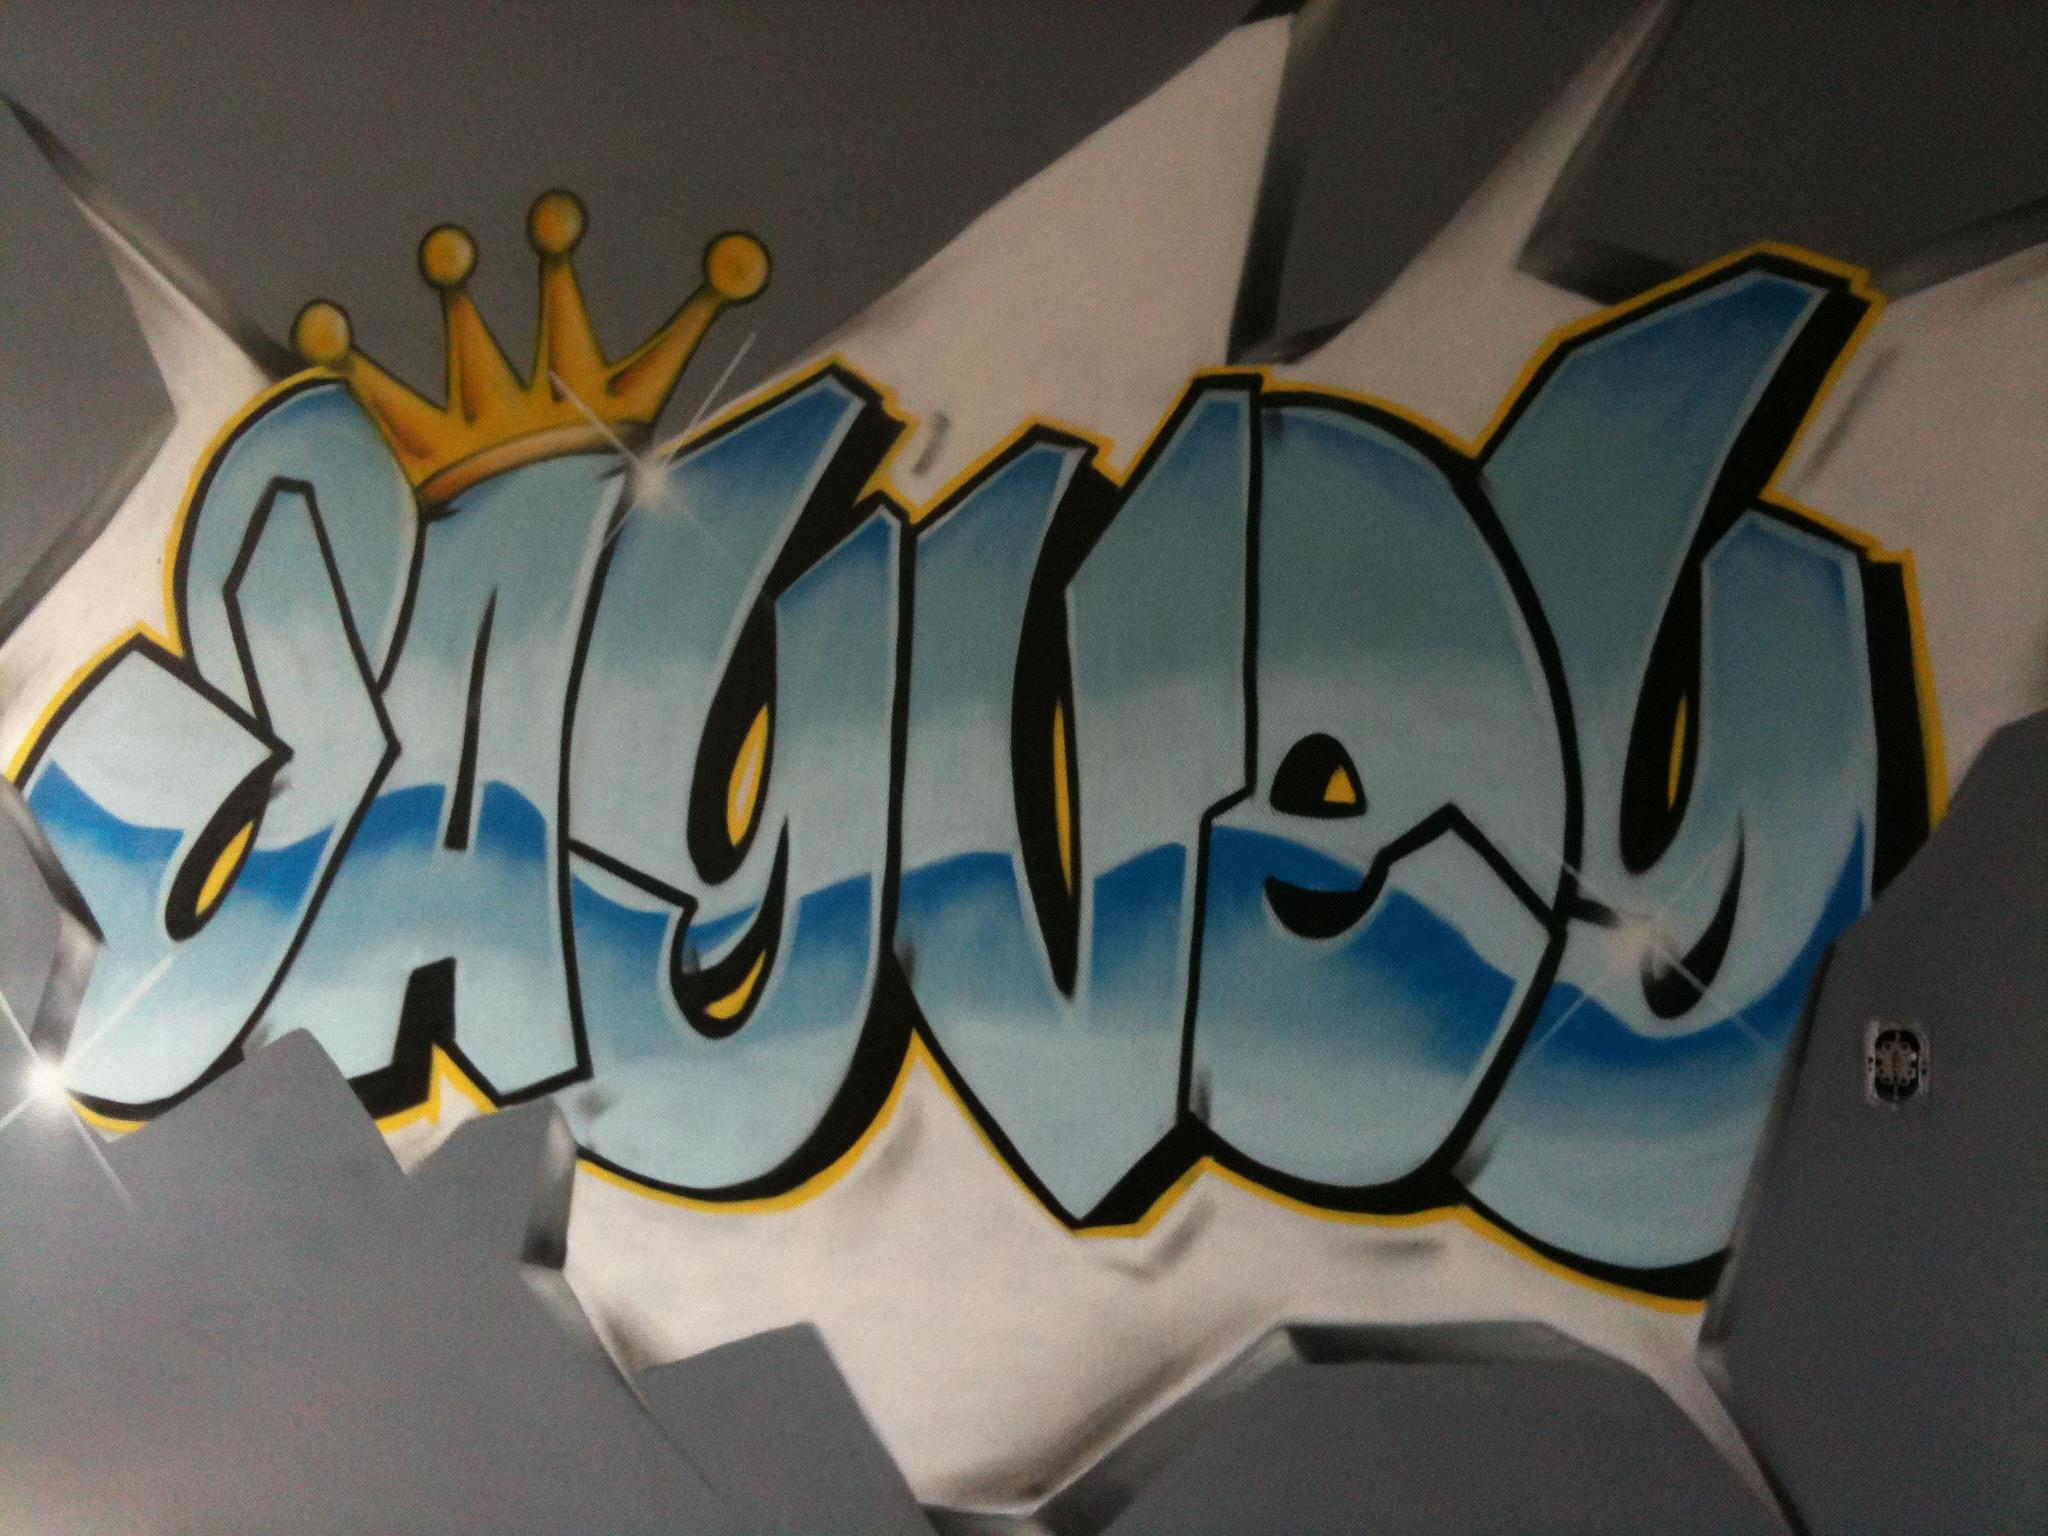 Graffiti Slaapkamer Muur : Graffiti op je slaapkamer referenties op huis ontwerp interieur